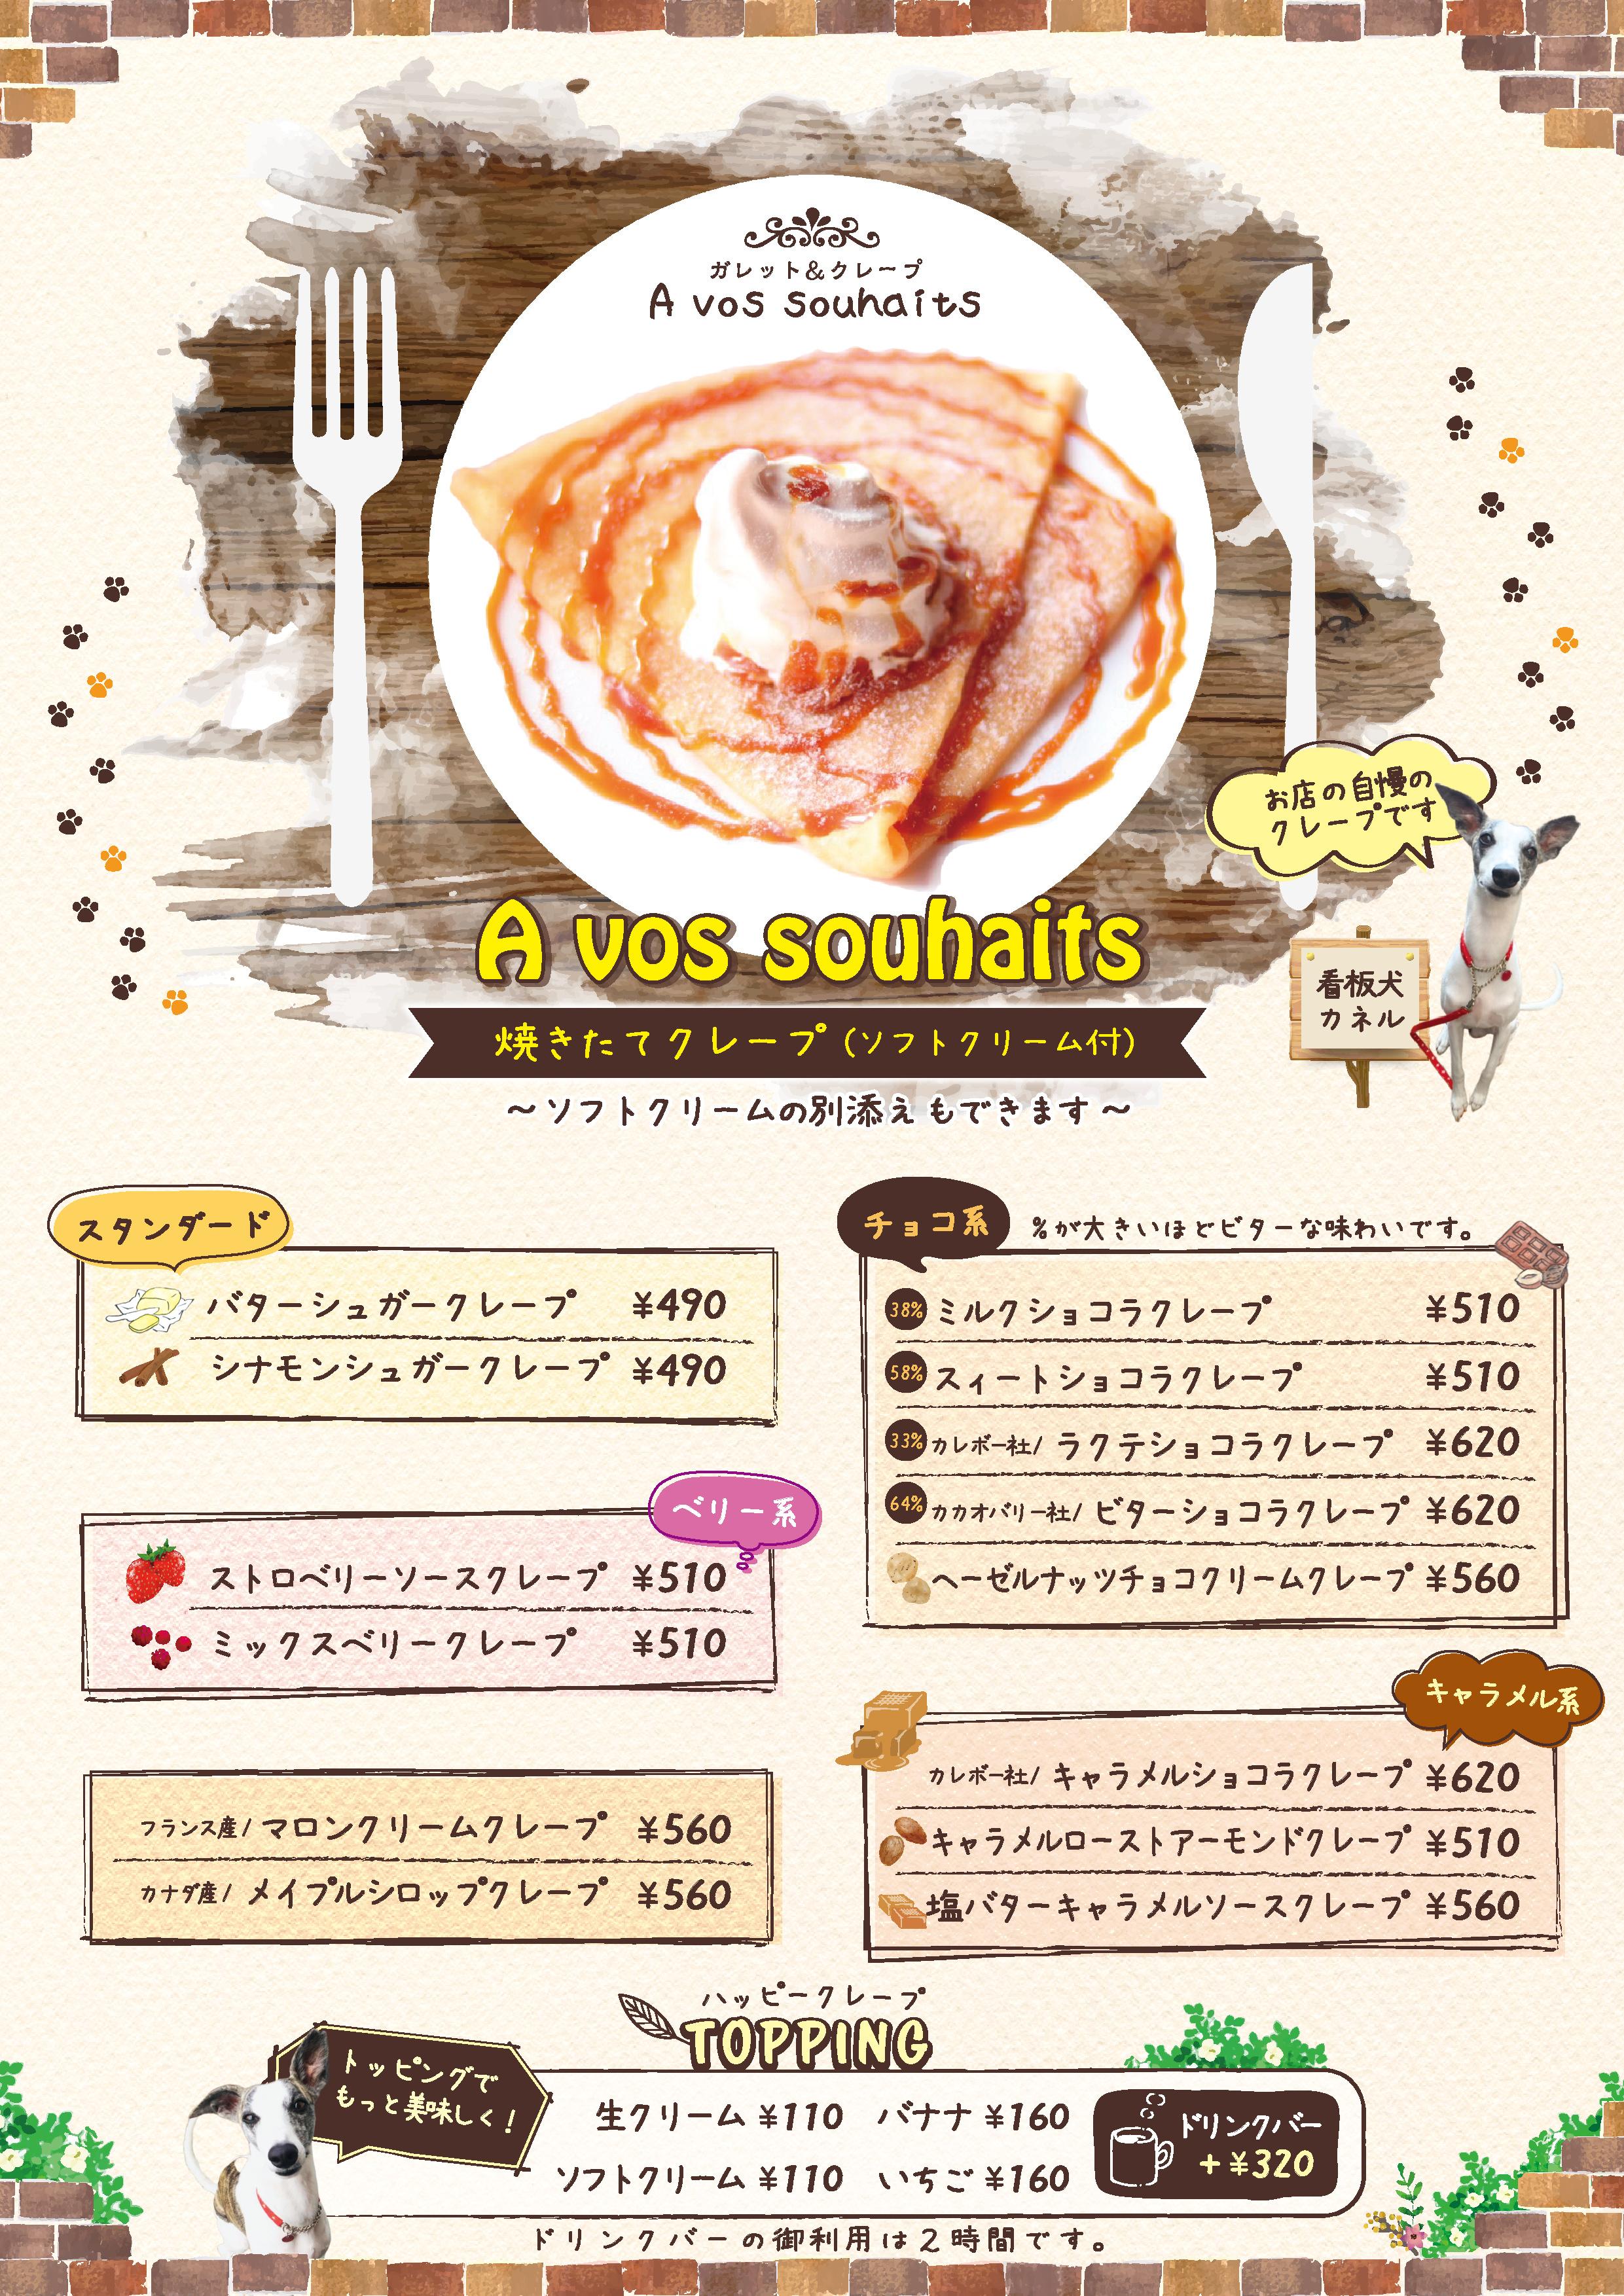 修正-Menu-4-焼きたてクレープ .jpg2019